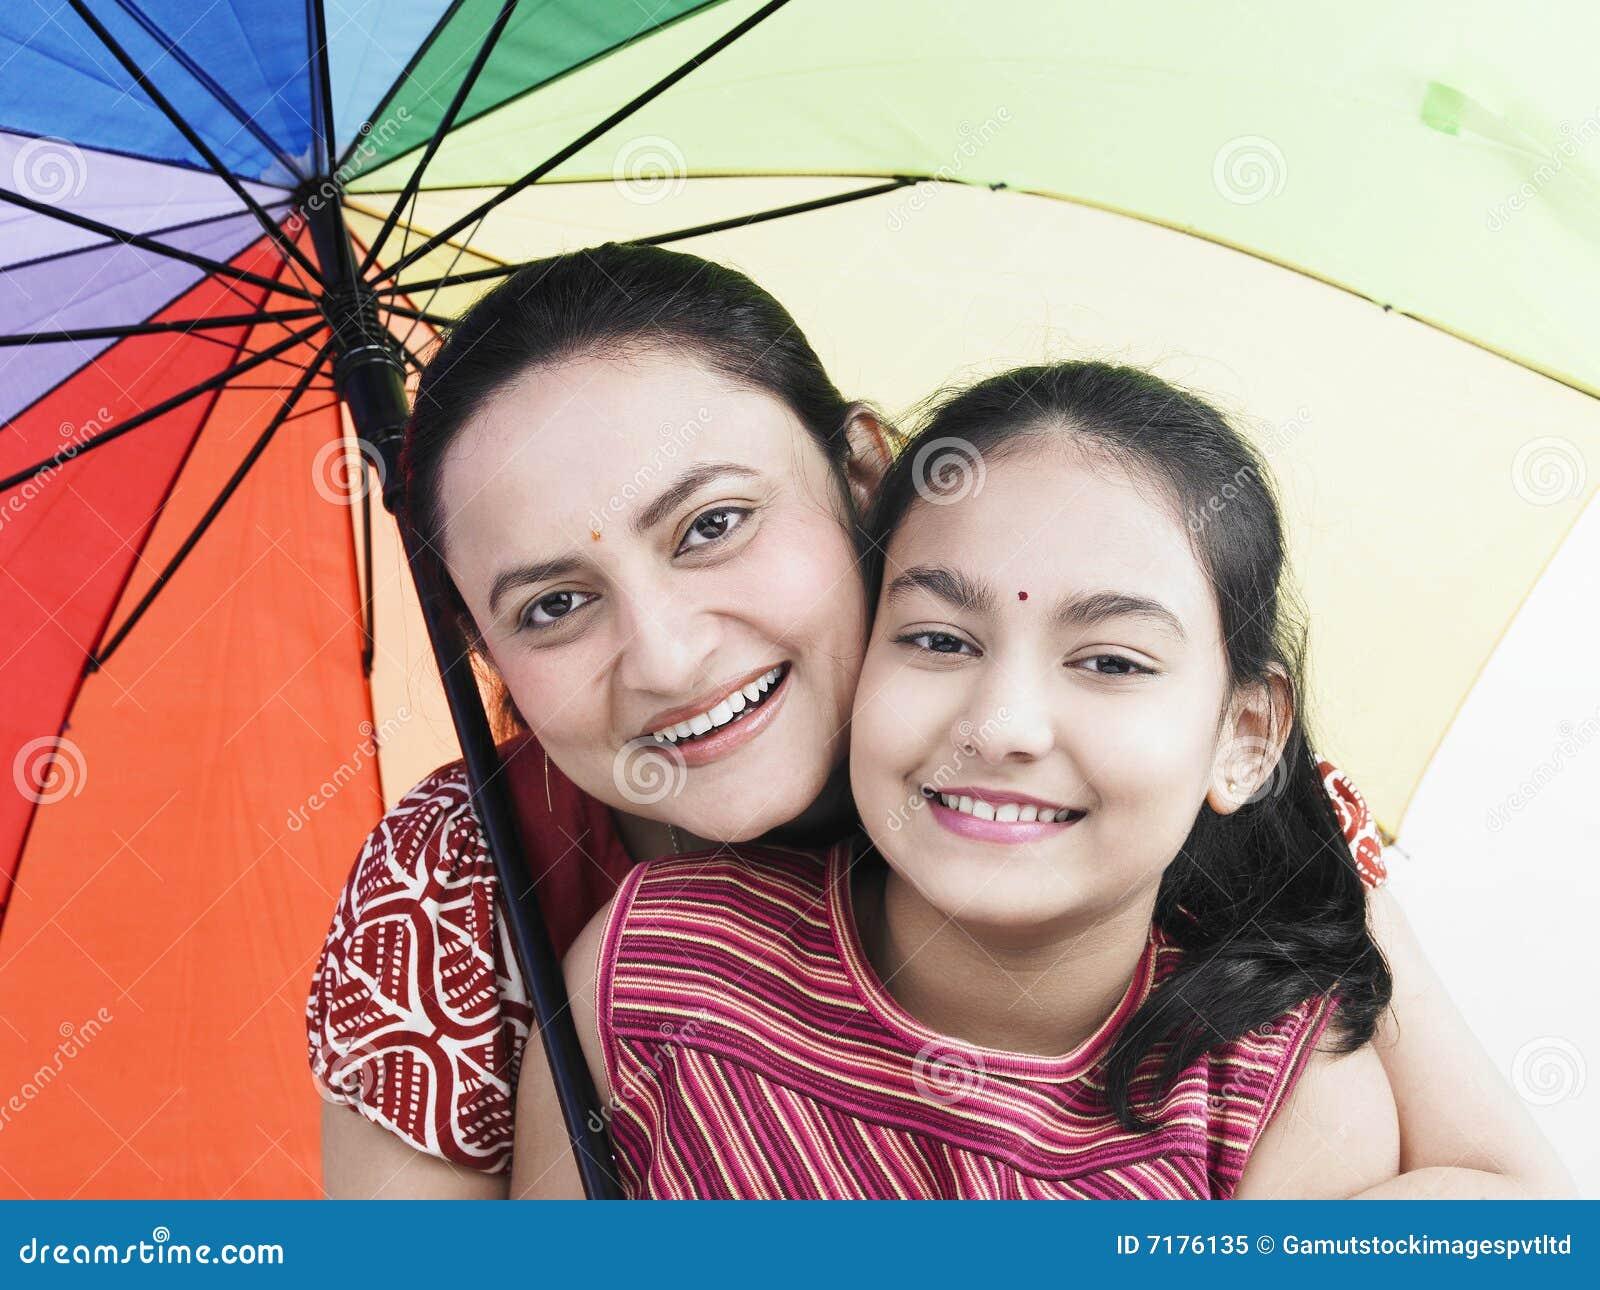 derivati da ombrello